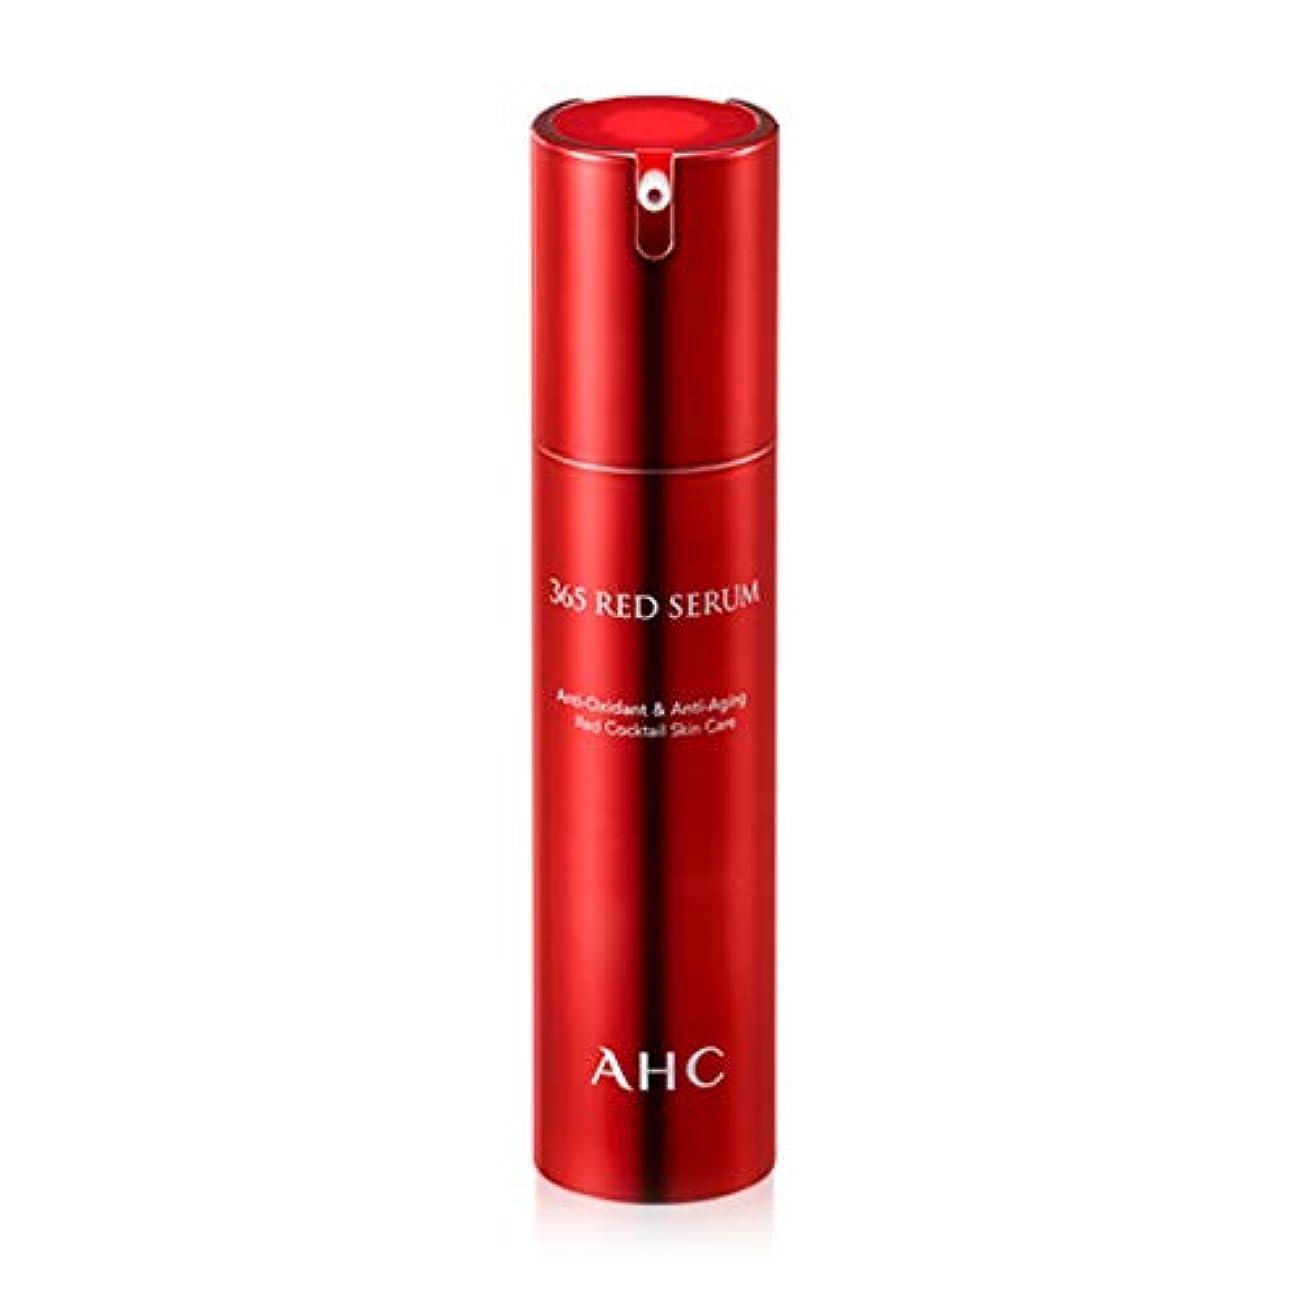 レパートリー傭兵説教するAHC 365 Red Serum AHC 365 レッド セラム 50ml [並行輸入品]